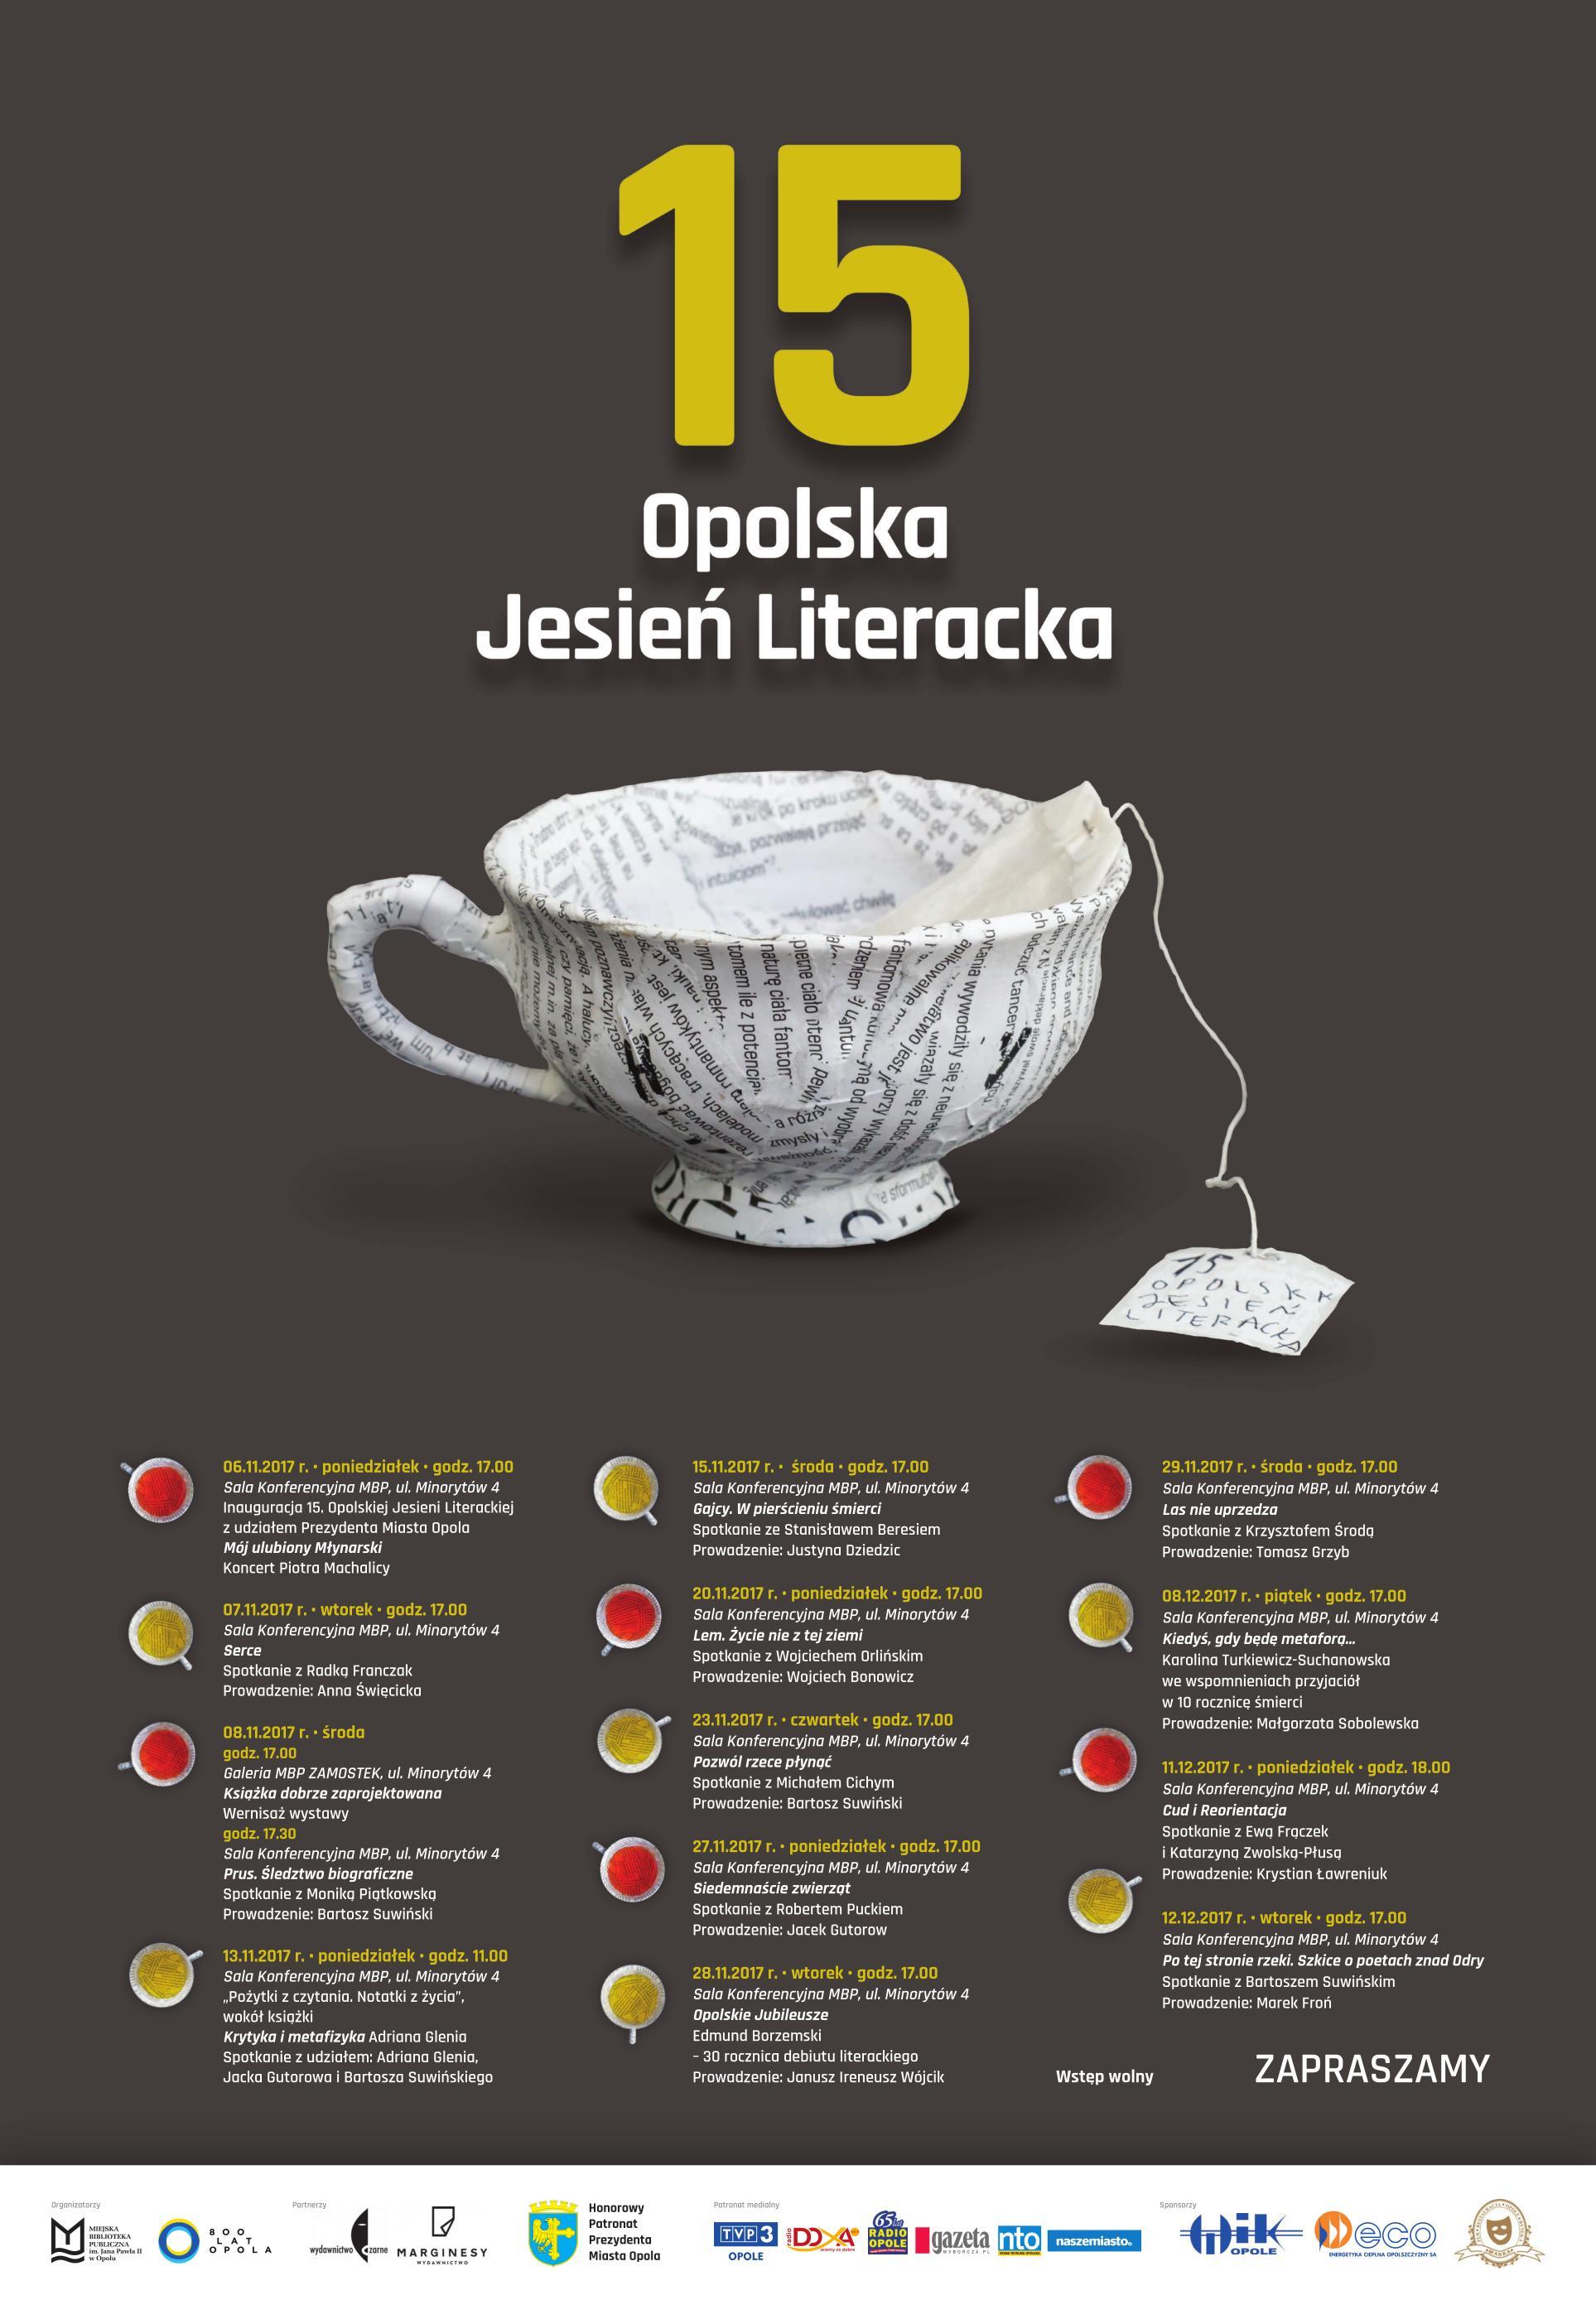 15 Opolska Jesień Literacka w MBP w Opolu potrwa od 6 listopada do 12 grudnia